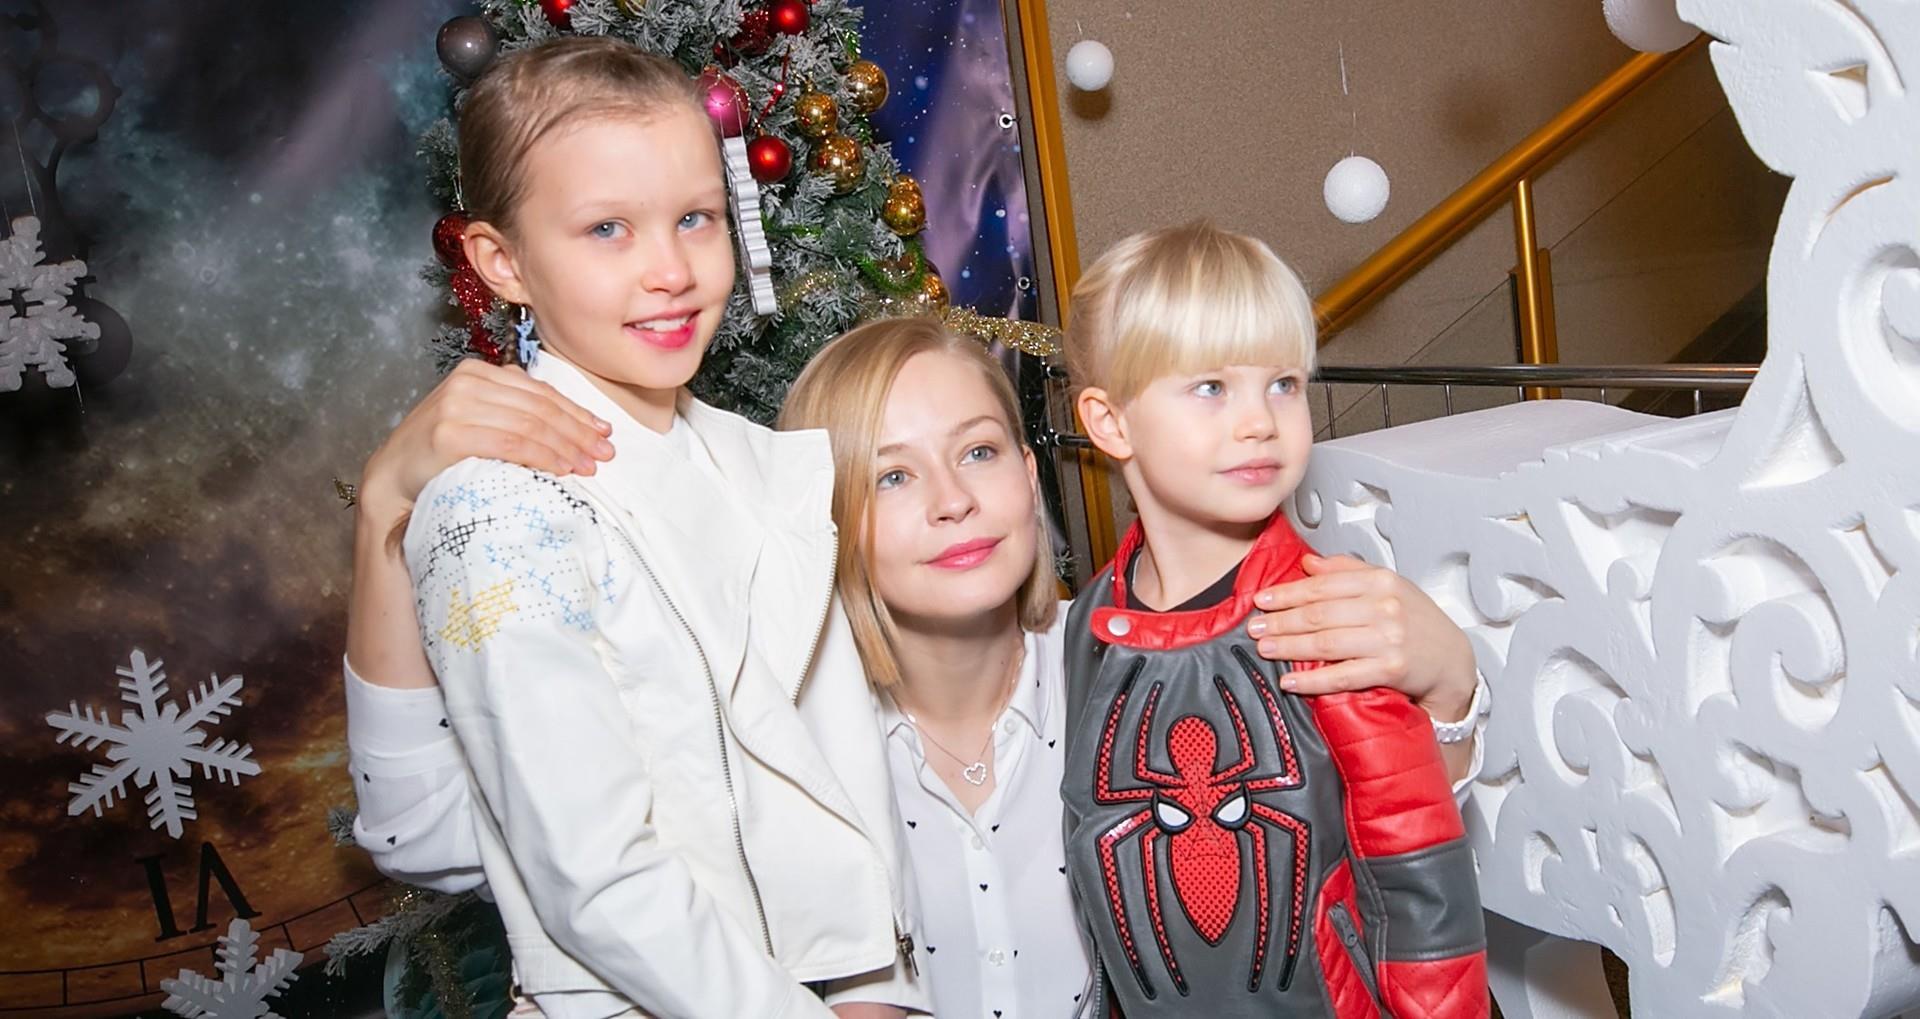 юлия пересильд семья фото можно кусочками